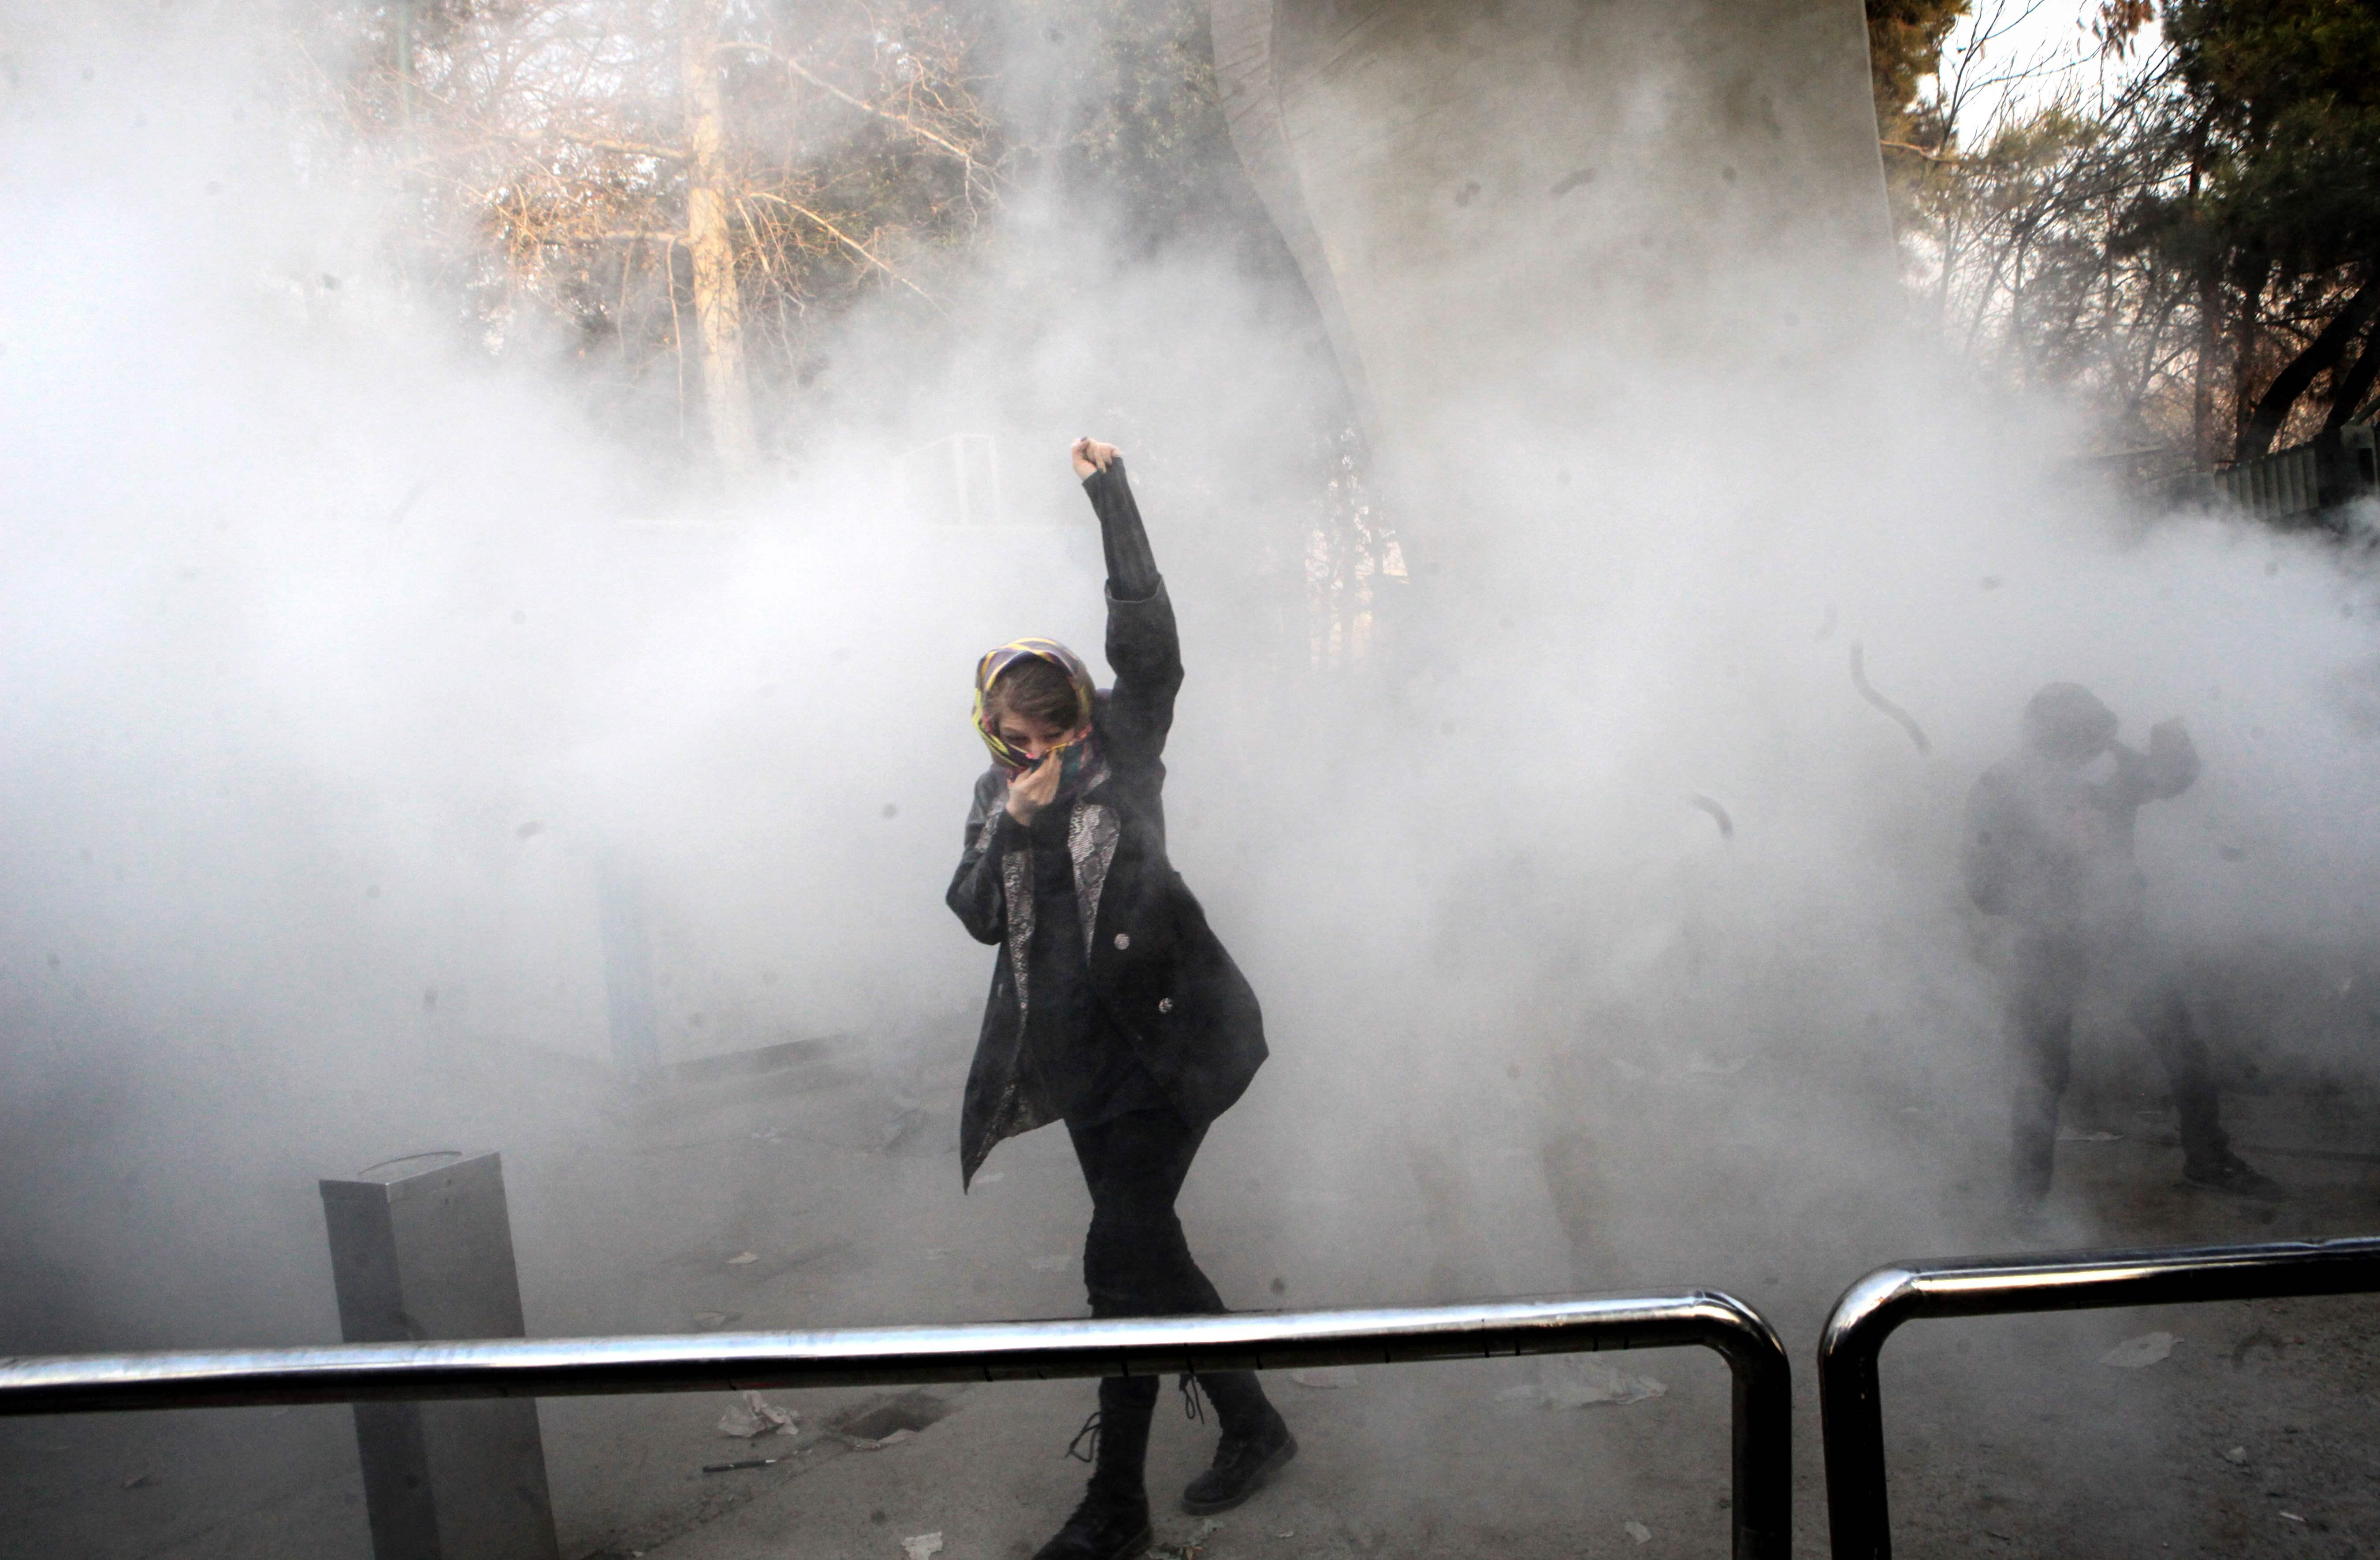 سيدة ايرانية تتحدى الغاز المسيل للدموع